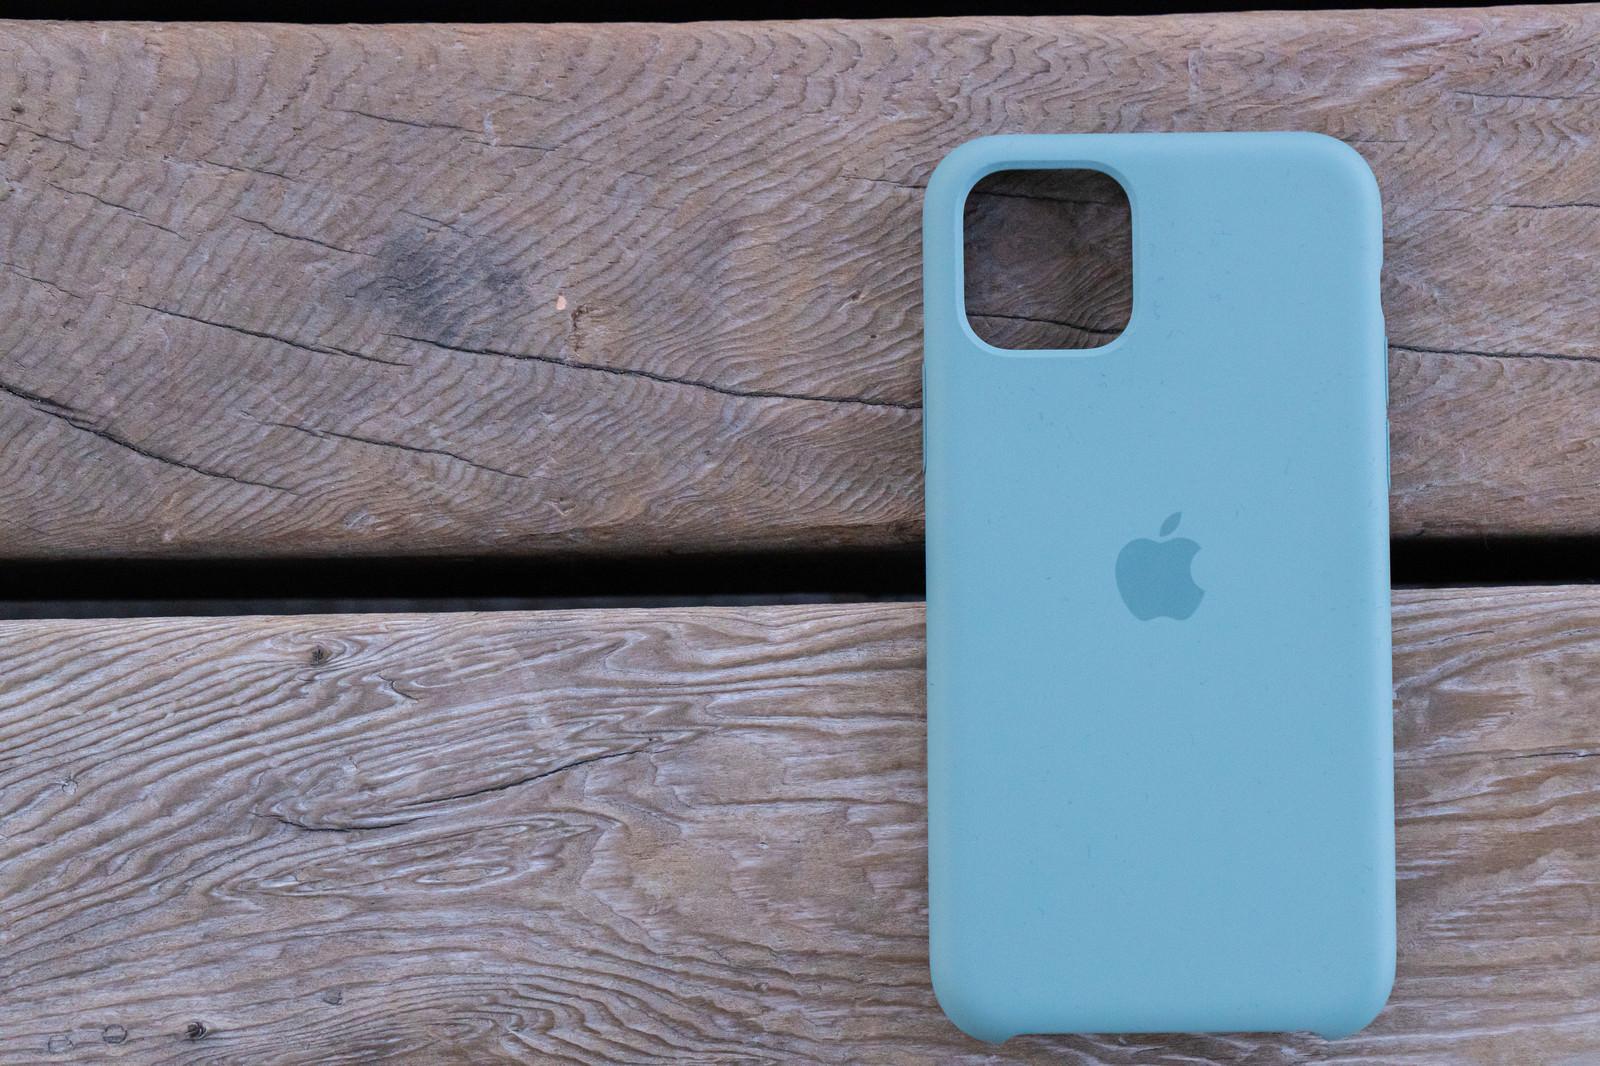 「iPhone 11 Pro 純正シリコンケース」の写真